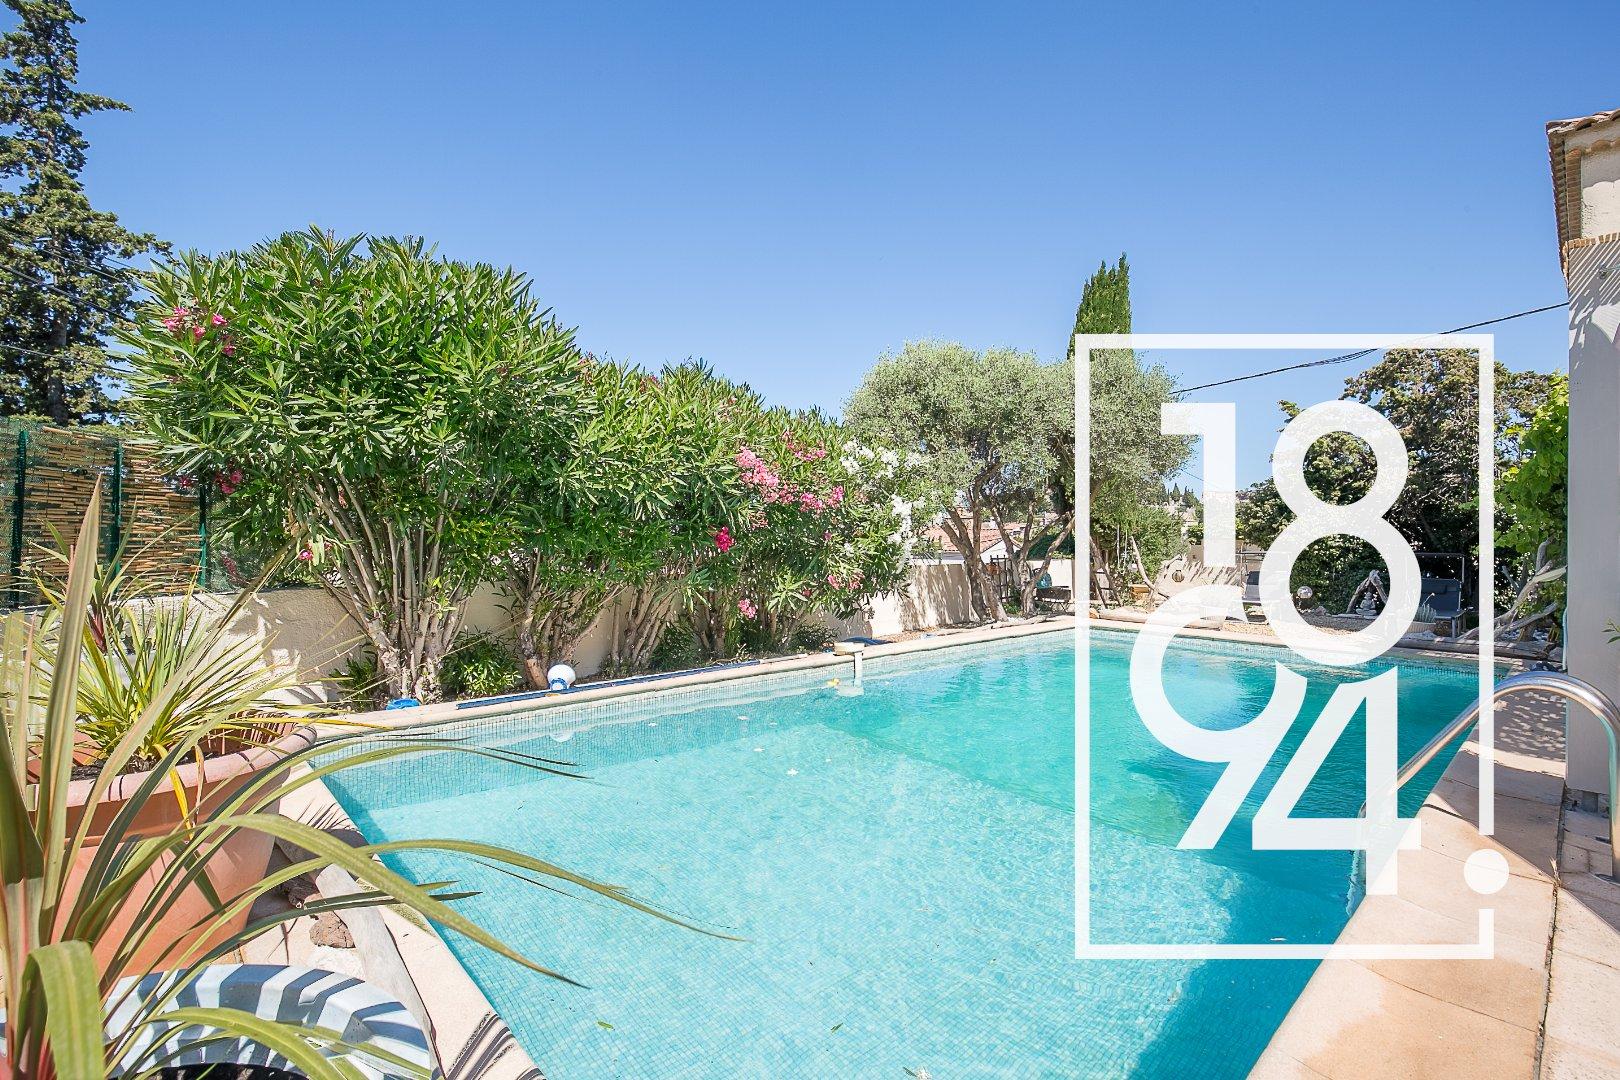 Maison de type 5 de 146m2 en R+1 avec piscine, pool house et garage.